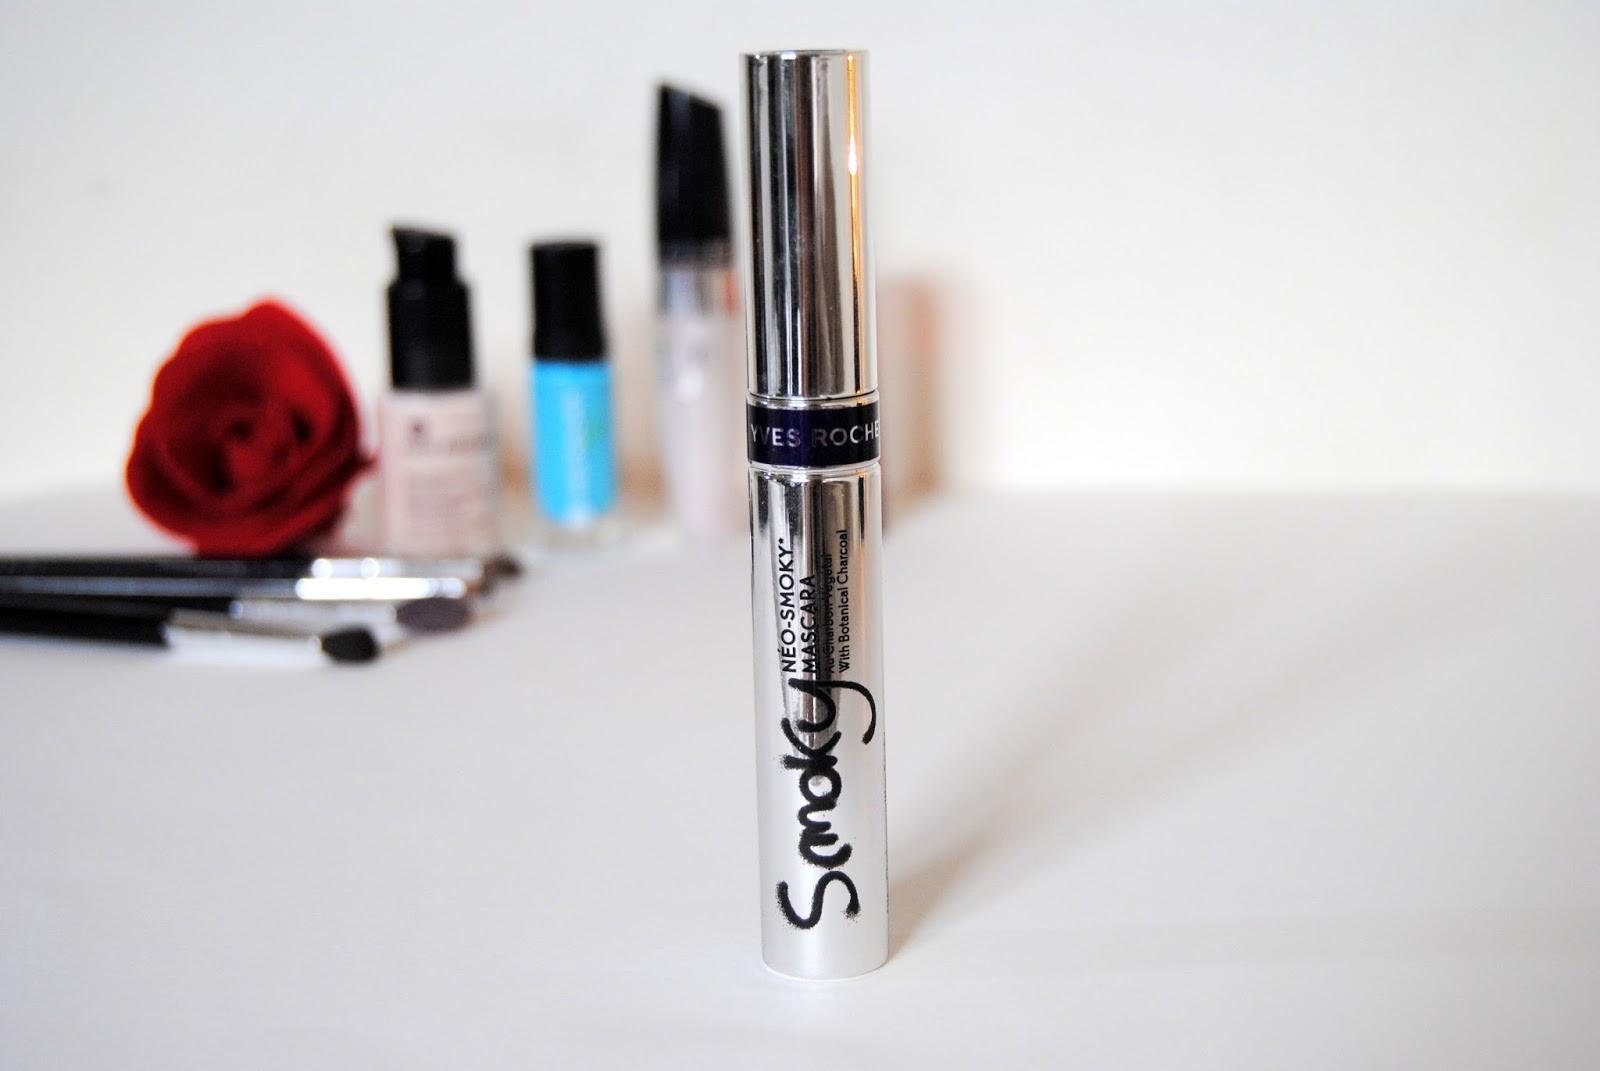 mascara-yves-rocher-trang-diem-mat-neo-smoky-mascara-01